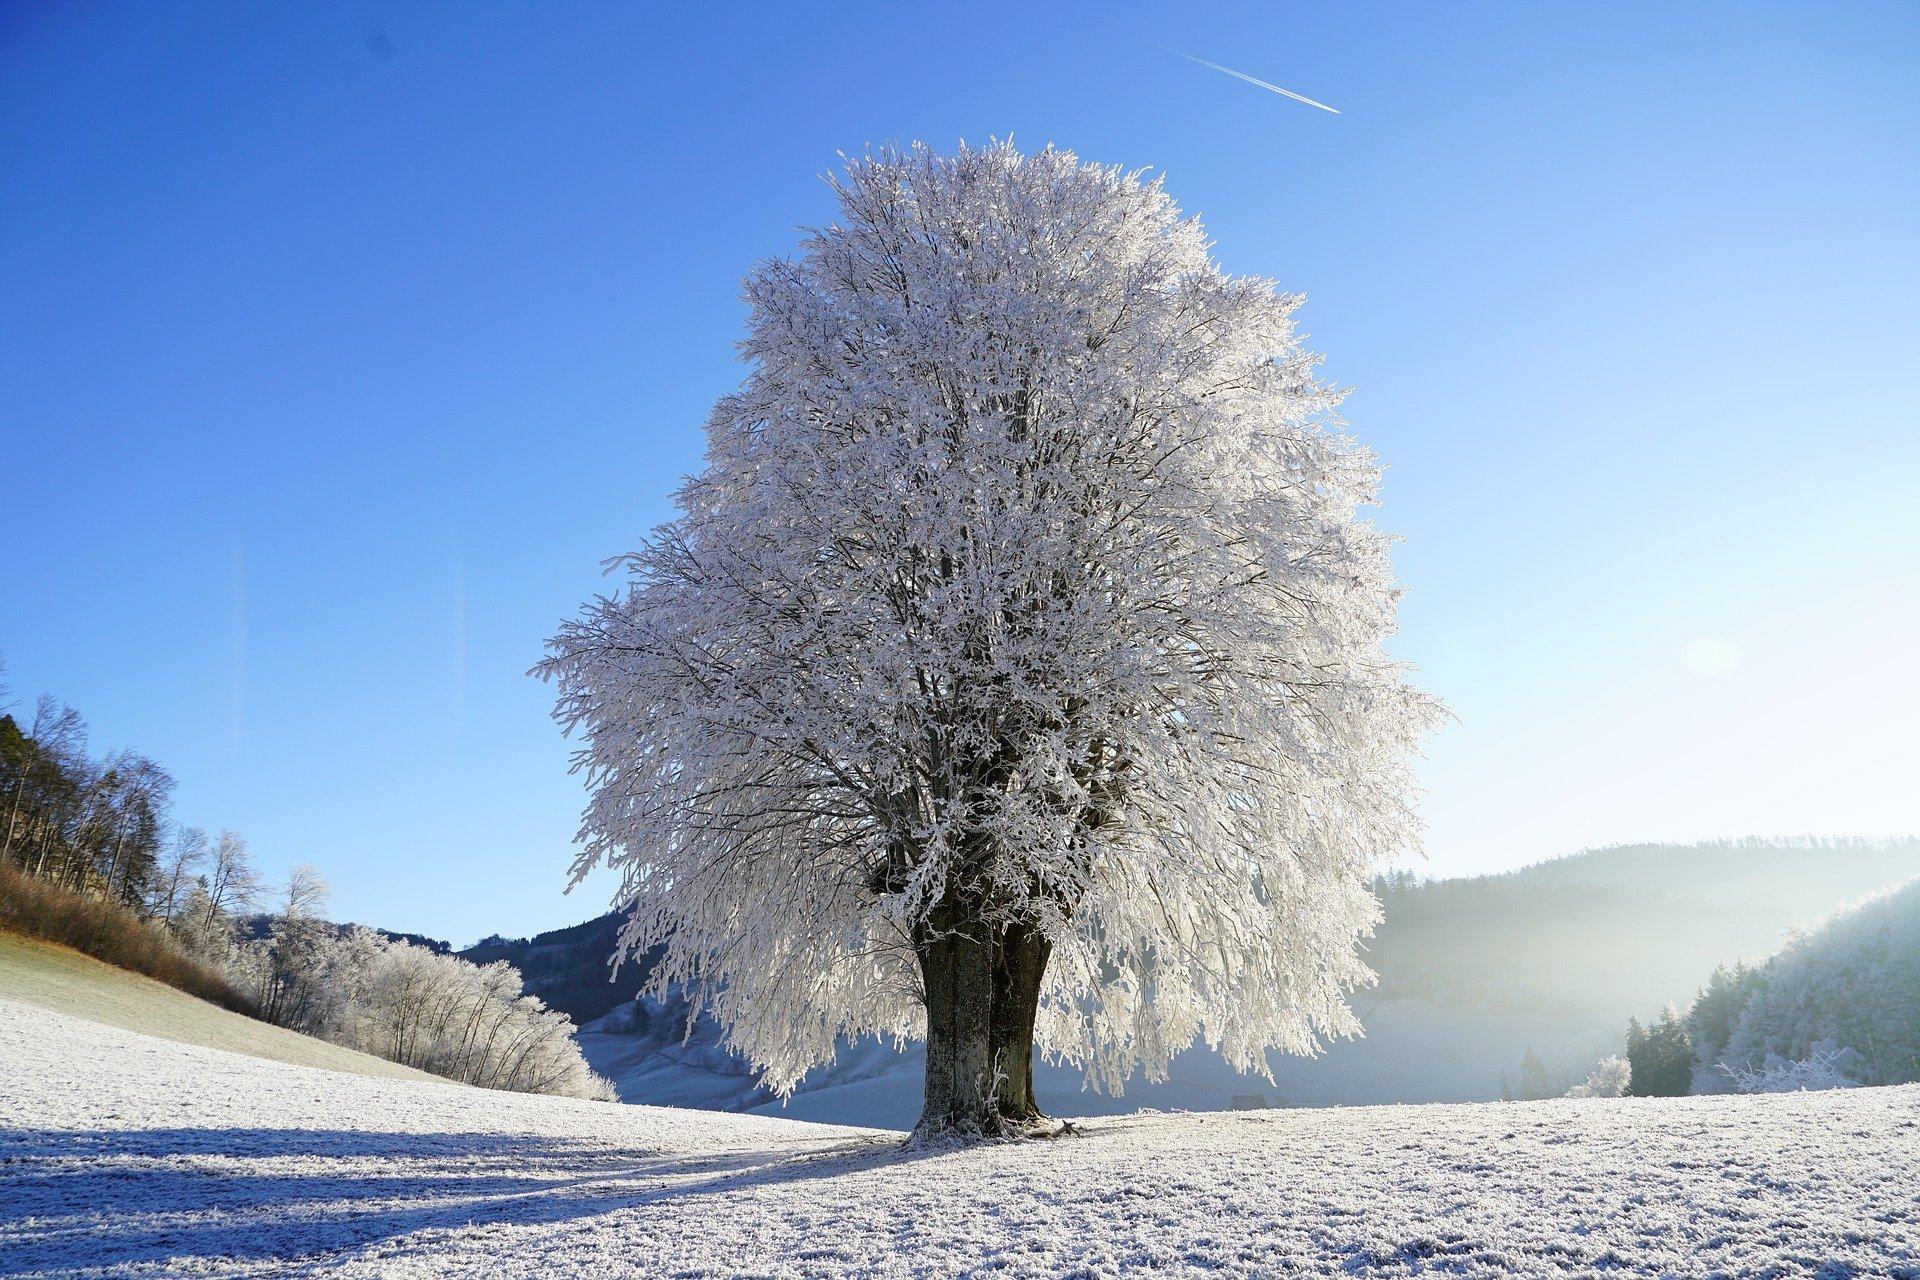 Mroźna Zima Wierszyk Dla Dzieci Piosenki I Wiersze O Zimie